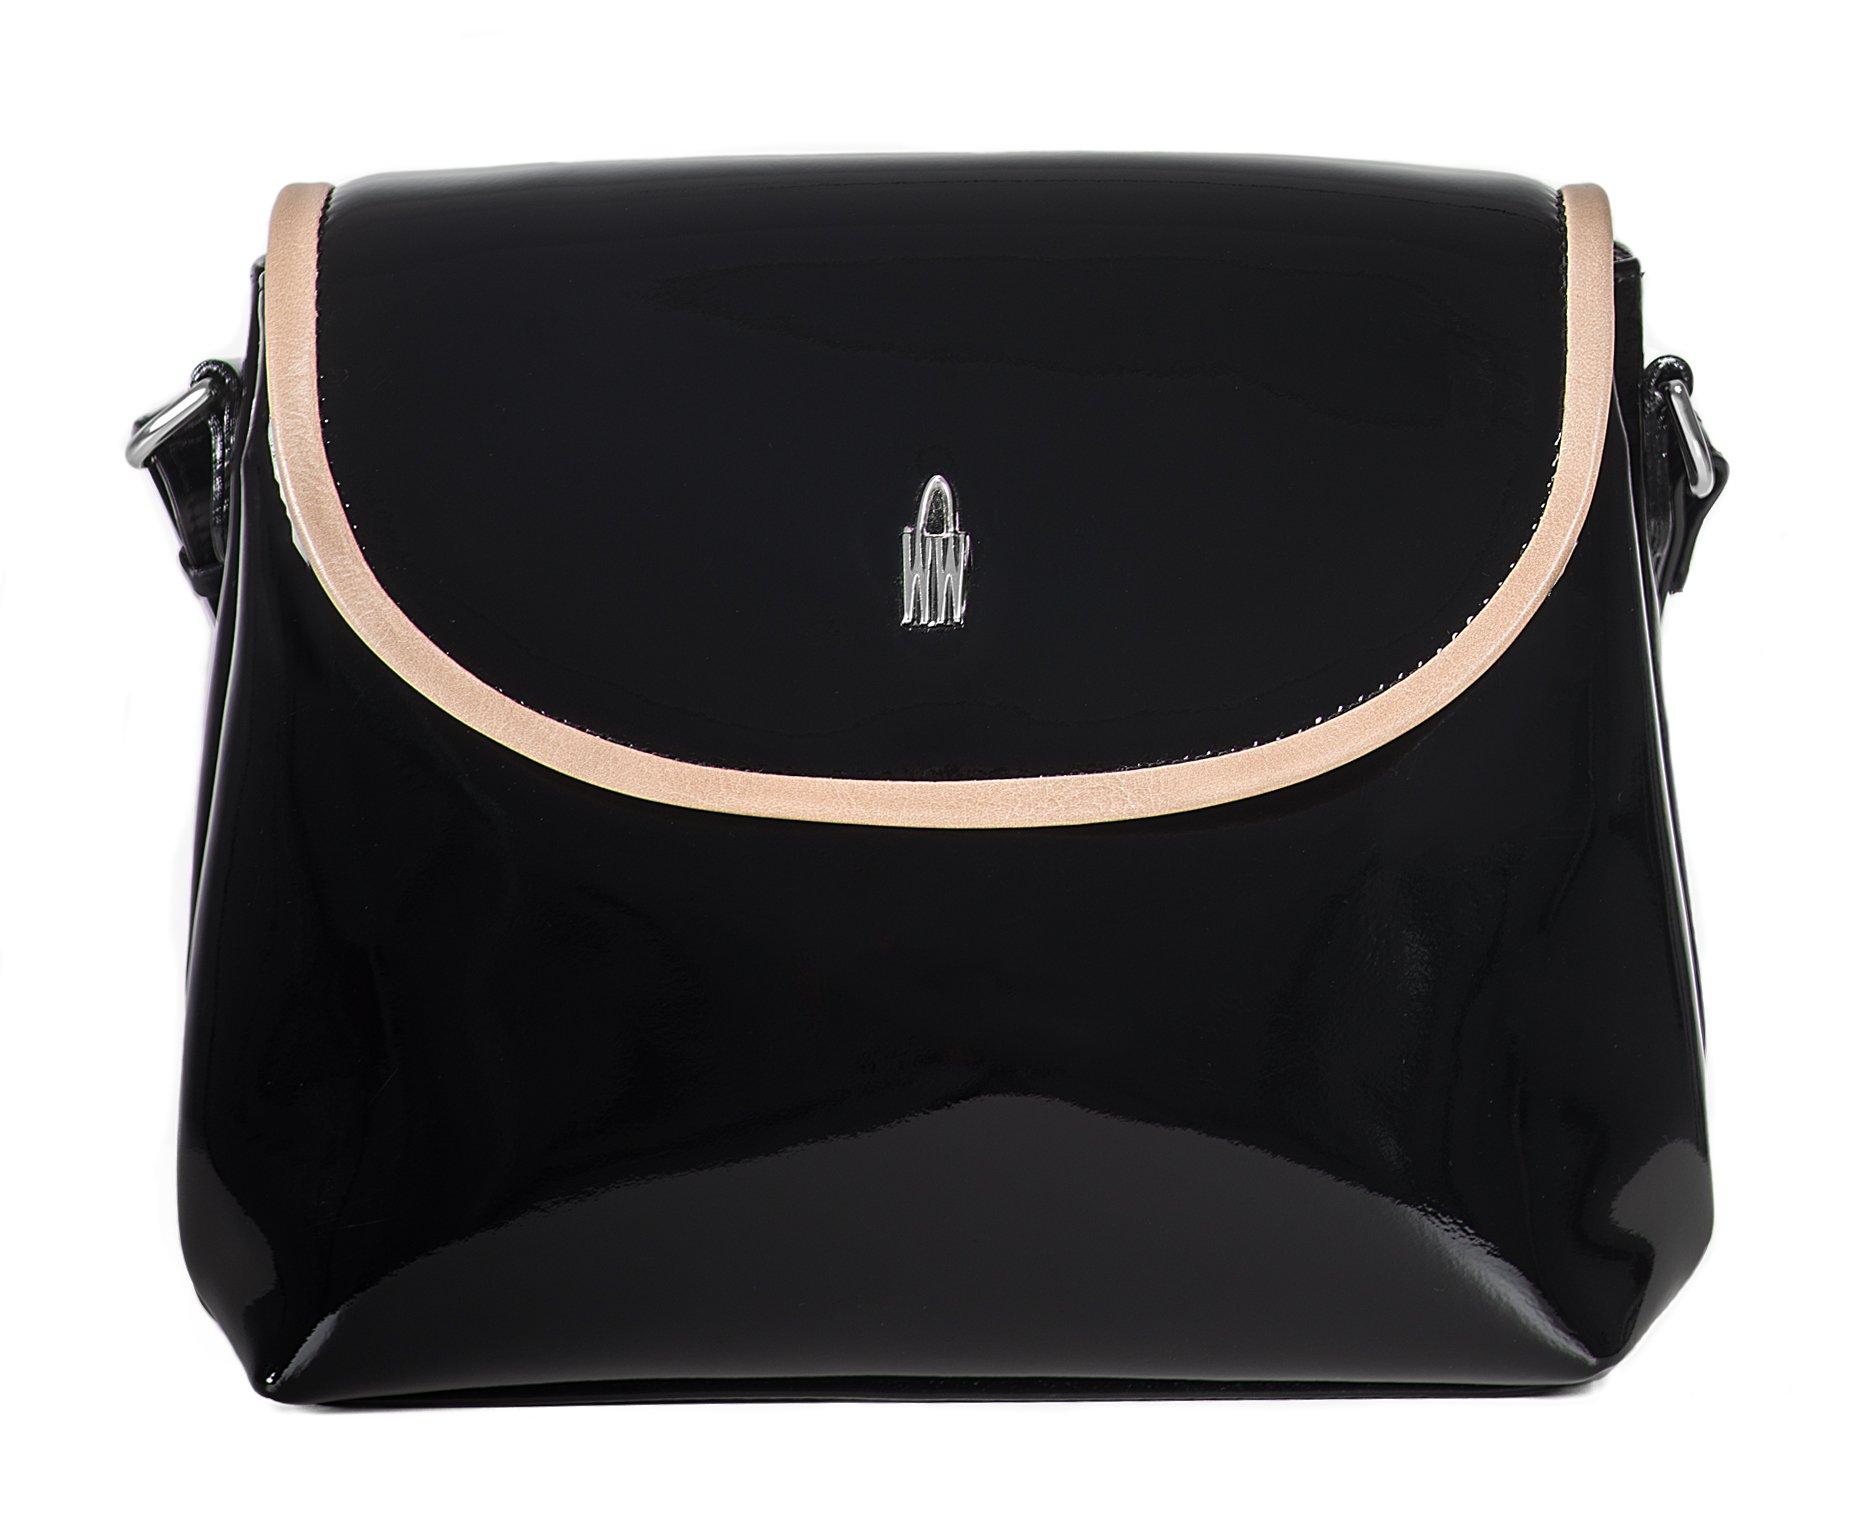 a04ed9de6b Luxusní lakované kožené crossbody kabelky černé 31408 PL01 05 Wojewodzic